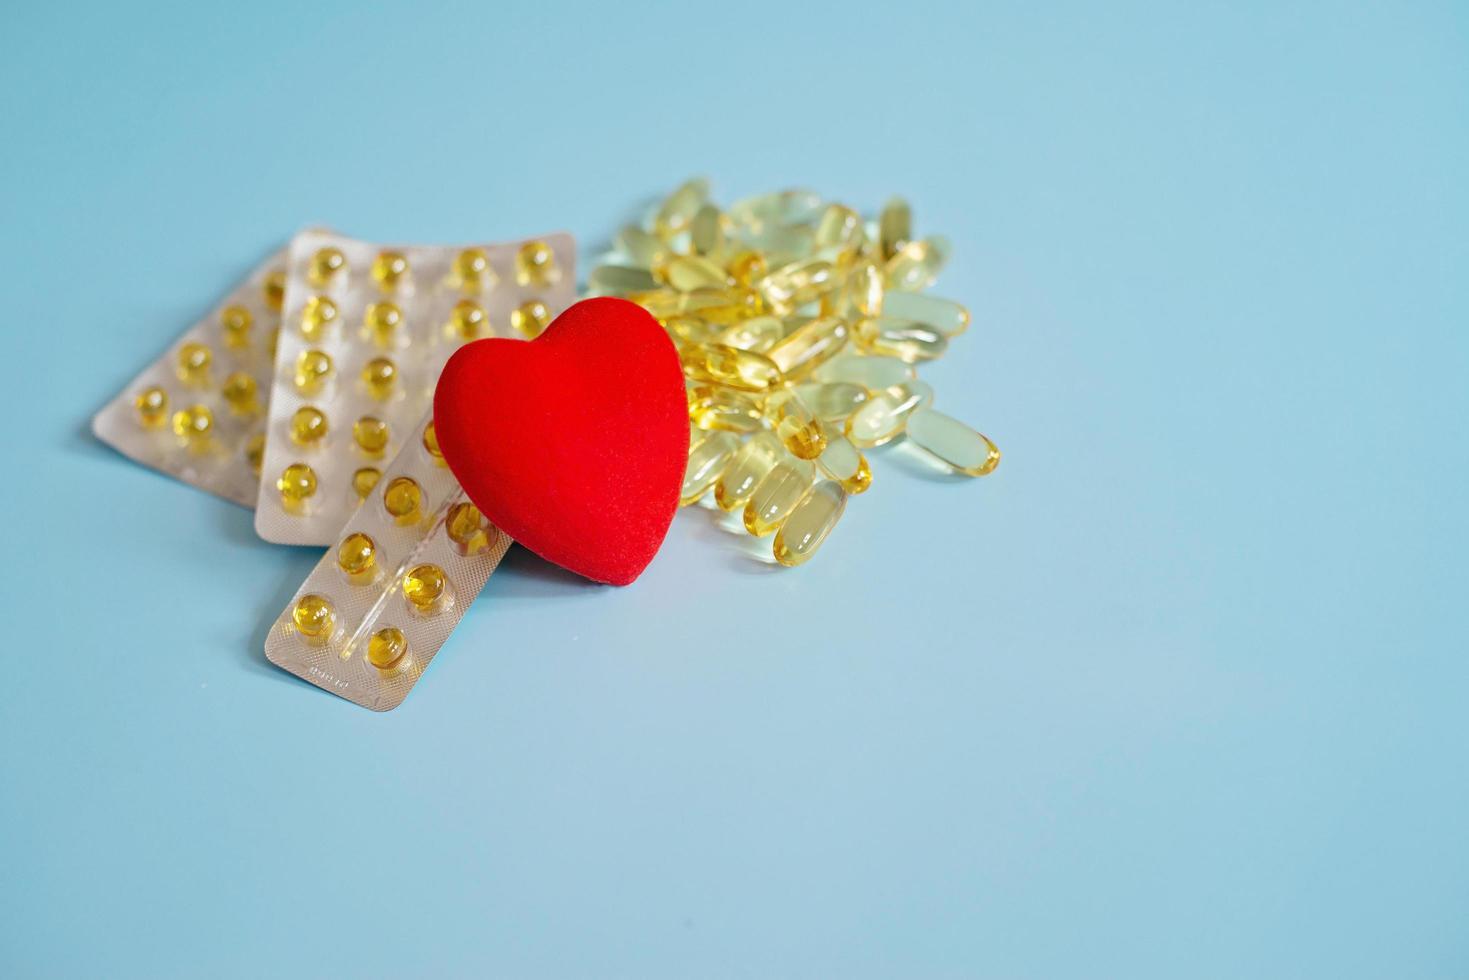 capsule di omega 3 con cuore rosso. olio di pesce in compresse. supporto sanitario e trattamento del cuore. la medicina. foto